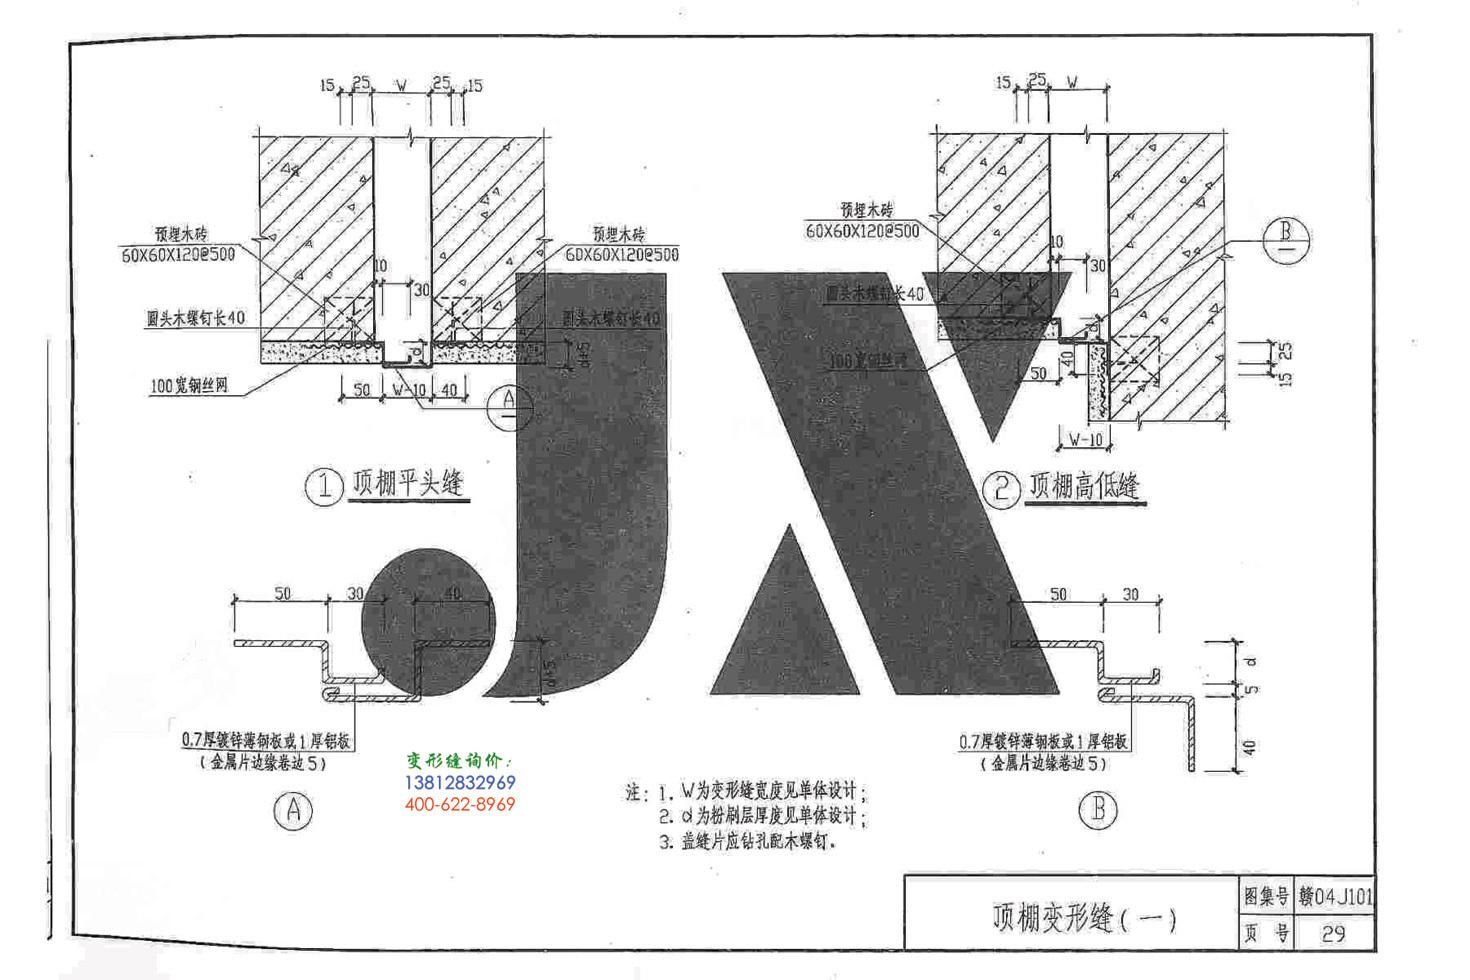 赣04J101变形缝图集第29页